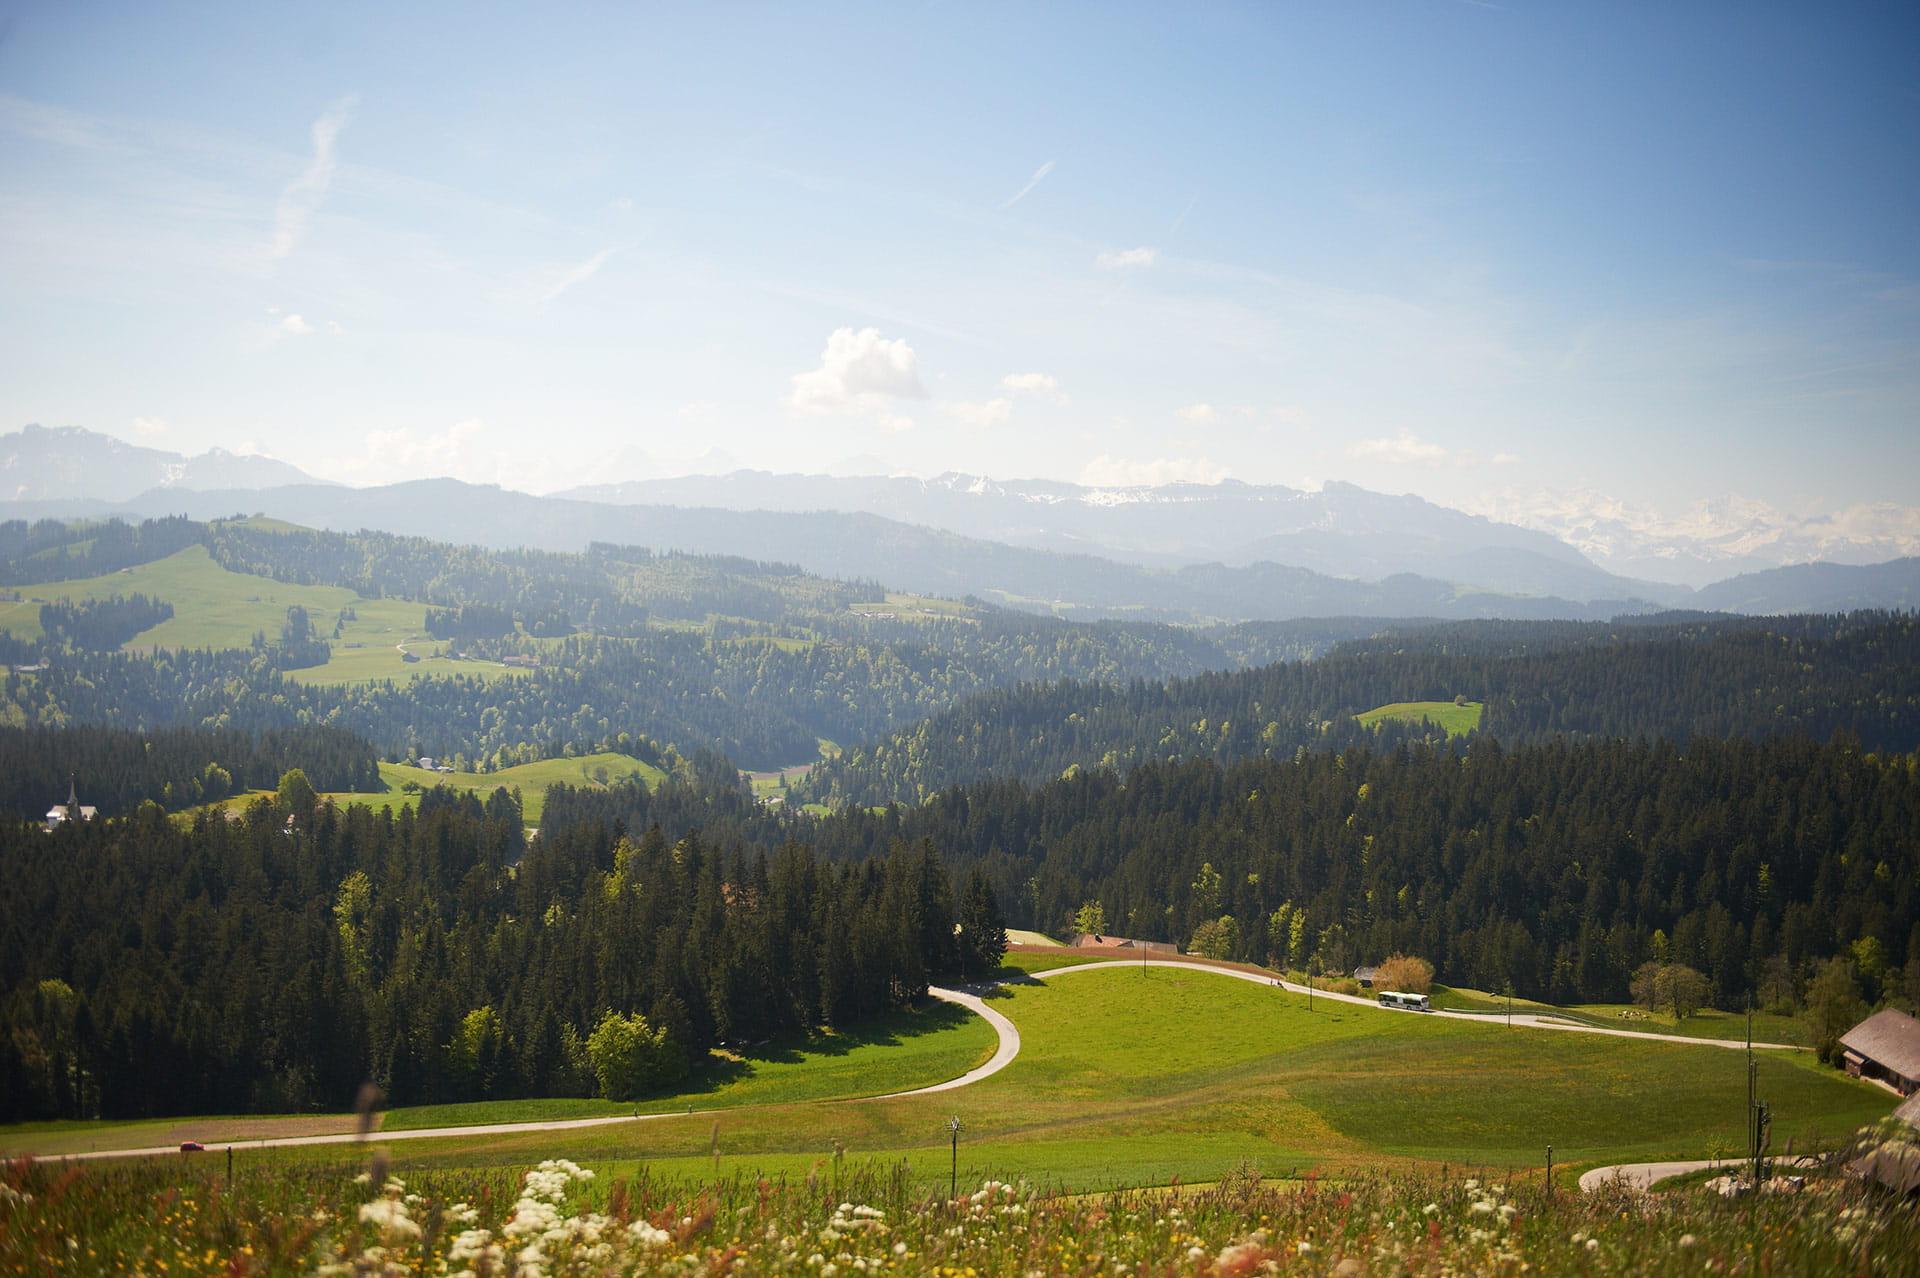 Über einen kleinen Pfad gelangen Sie zum 42 m hohen Aussichtsturm Chuderhüsi, welcher Ihnen eine der schönsten Aussichten im Bernbiet vom Schwarzwald bis zu den Berner Alpen bietet.